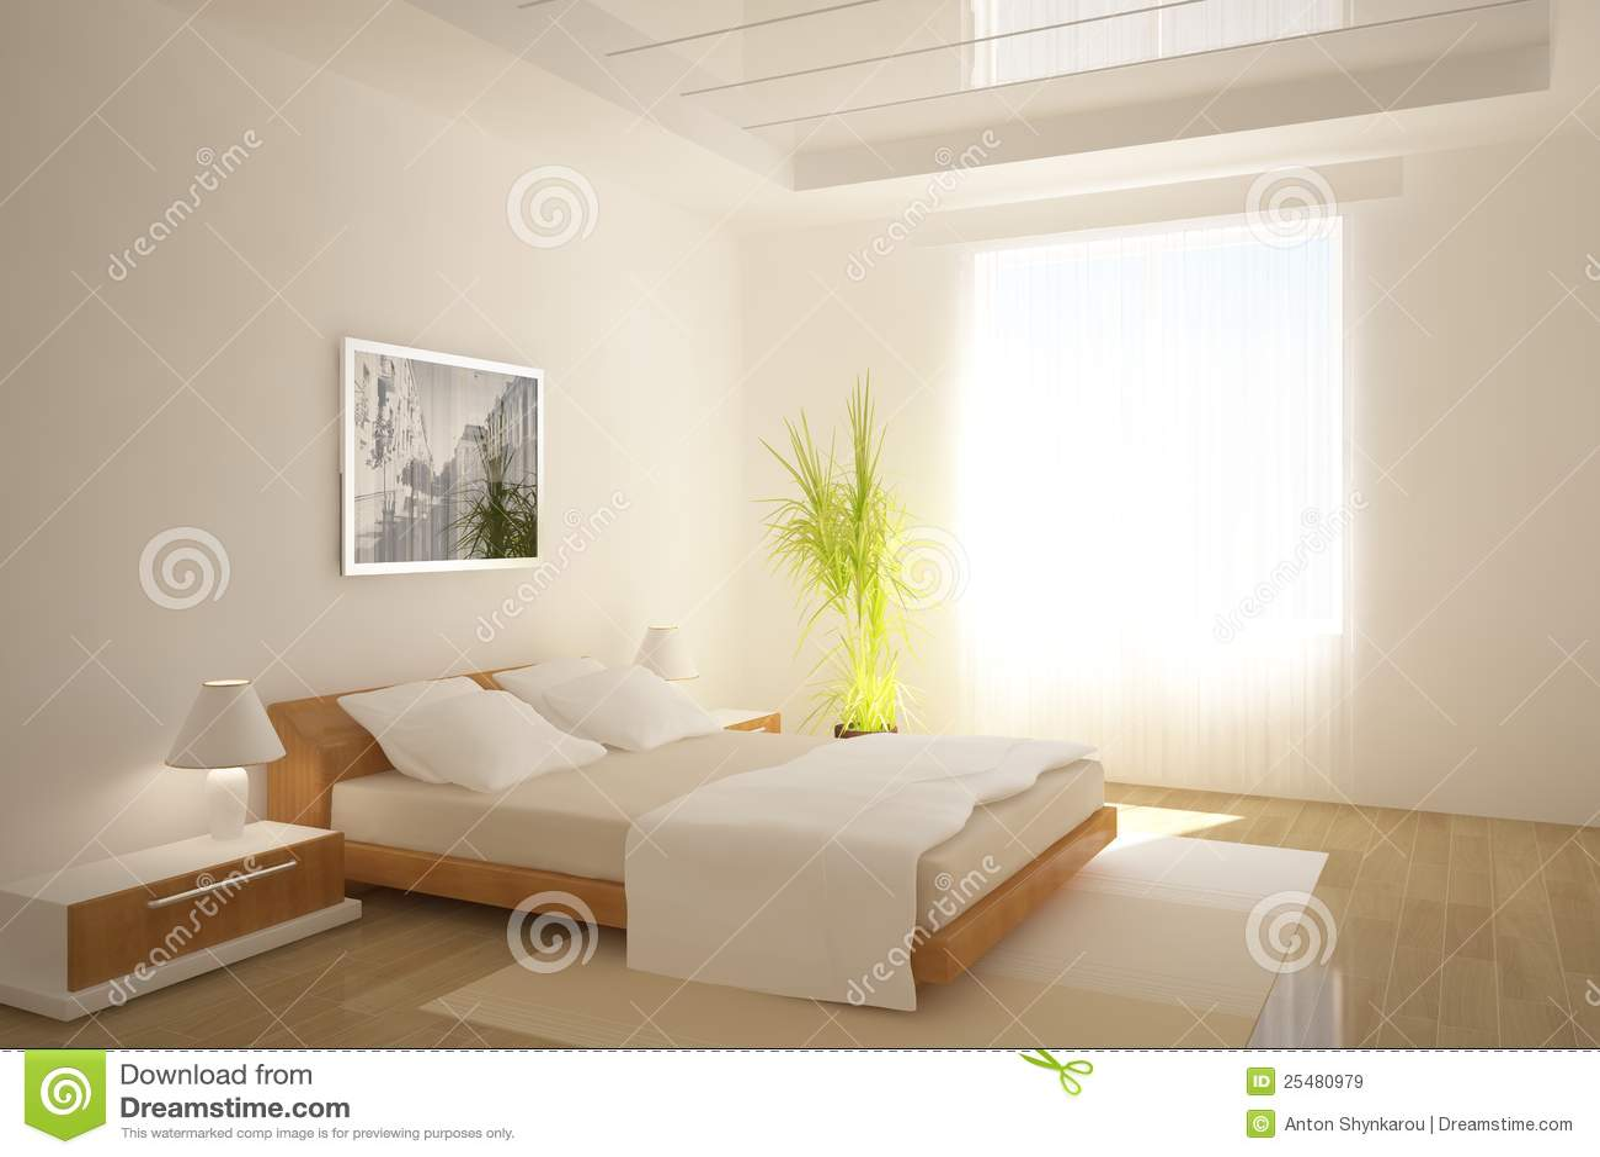 Disegno interno della camera da letto bianca immagini - Camera da letto bianca moderna ...